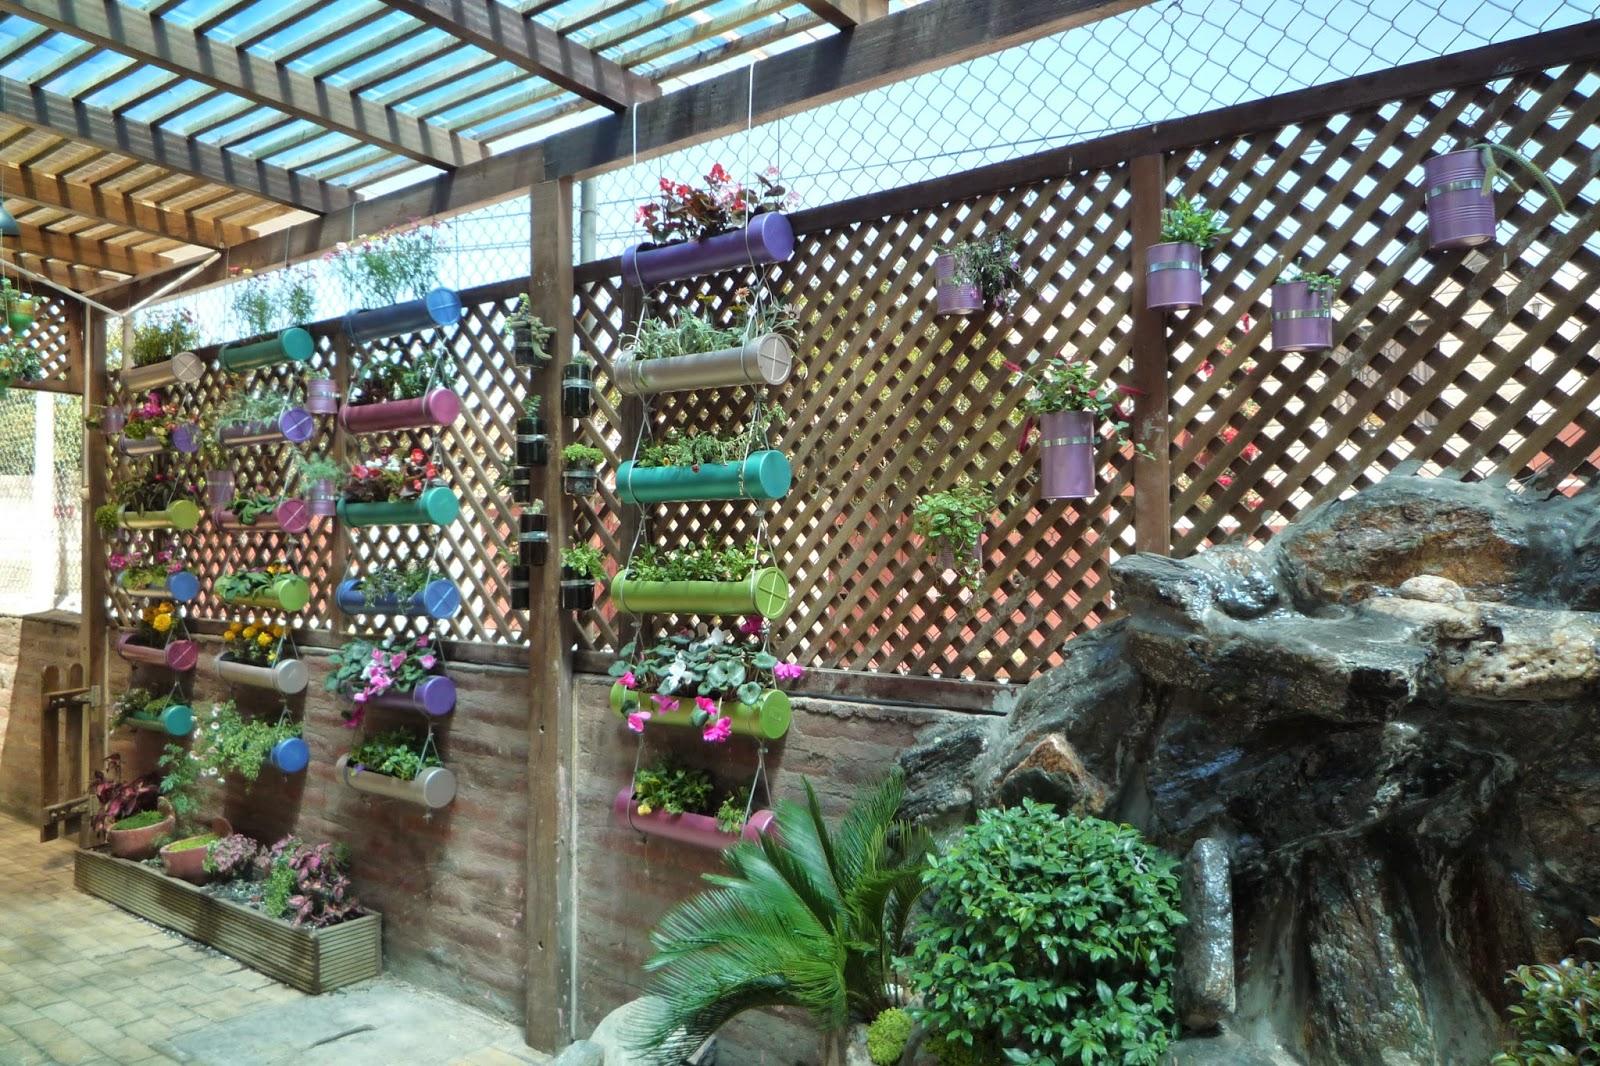 Reciclaje botellas papel y bamb jard n vertical y for Jardines colgantes con material reciclado